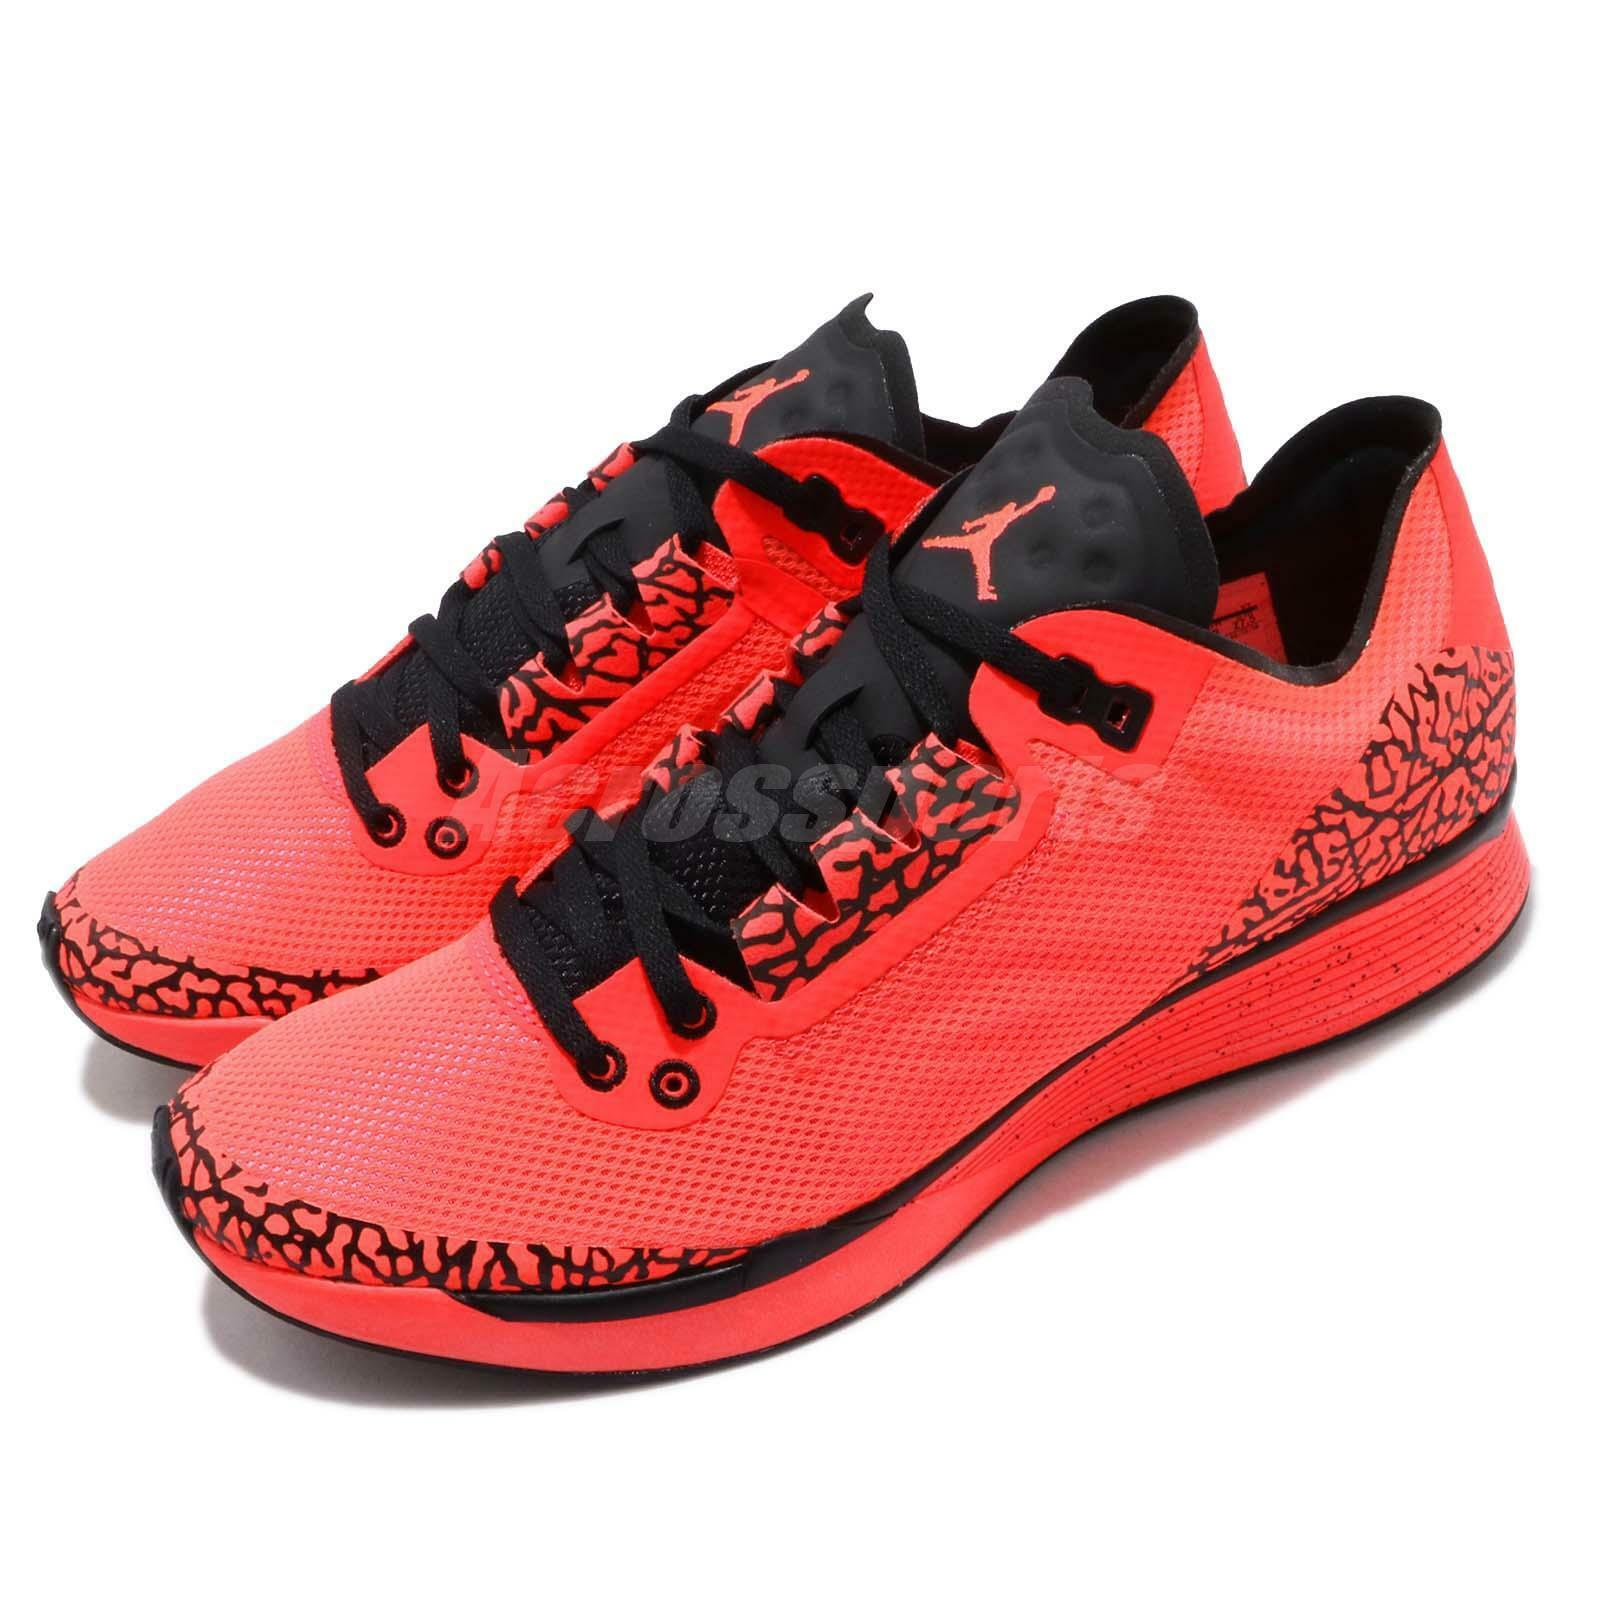 Nike Jordan 88 Racer Infrared 23 Black Cement Print Men Running shoes AV1200-600